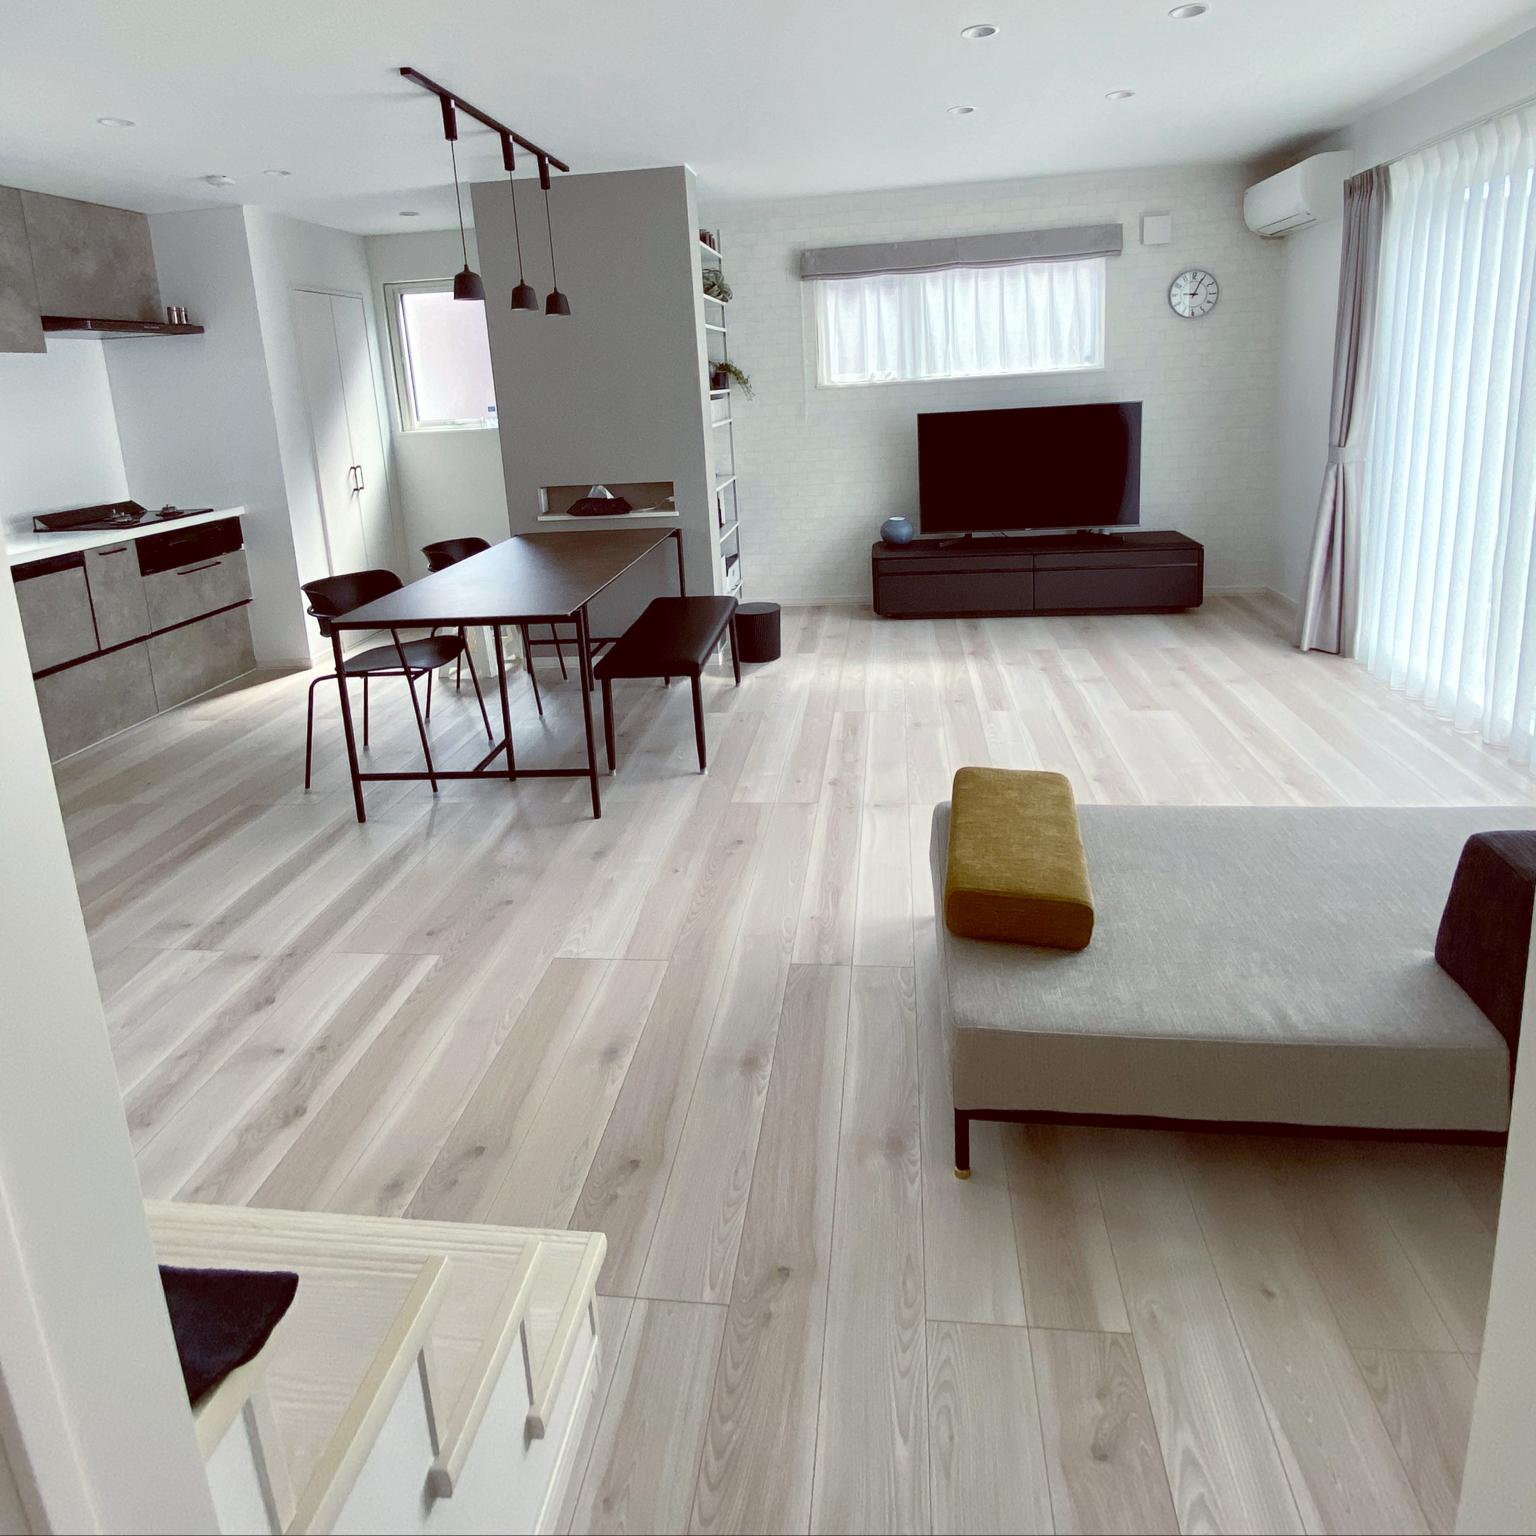 セラミックテーブル/グレーインテリア/掃除しやすい家/広く見せる/ダイニングテーブル...などのインテリア実例 - 2021-04-22 09:05:26